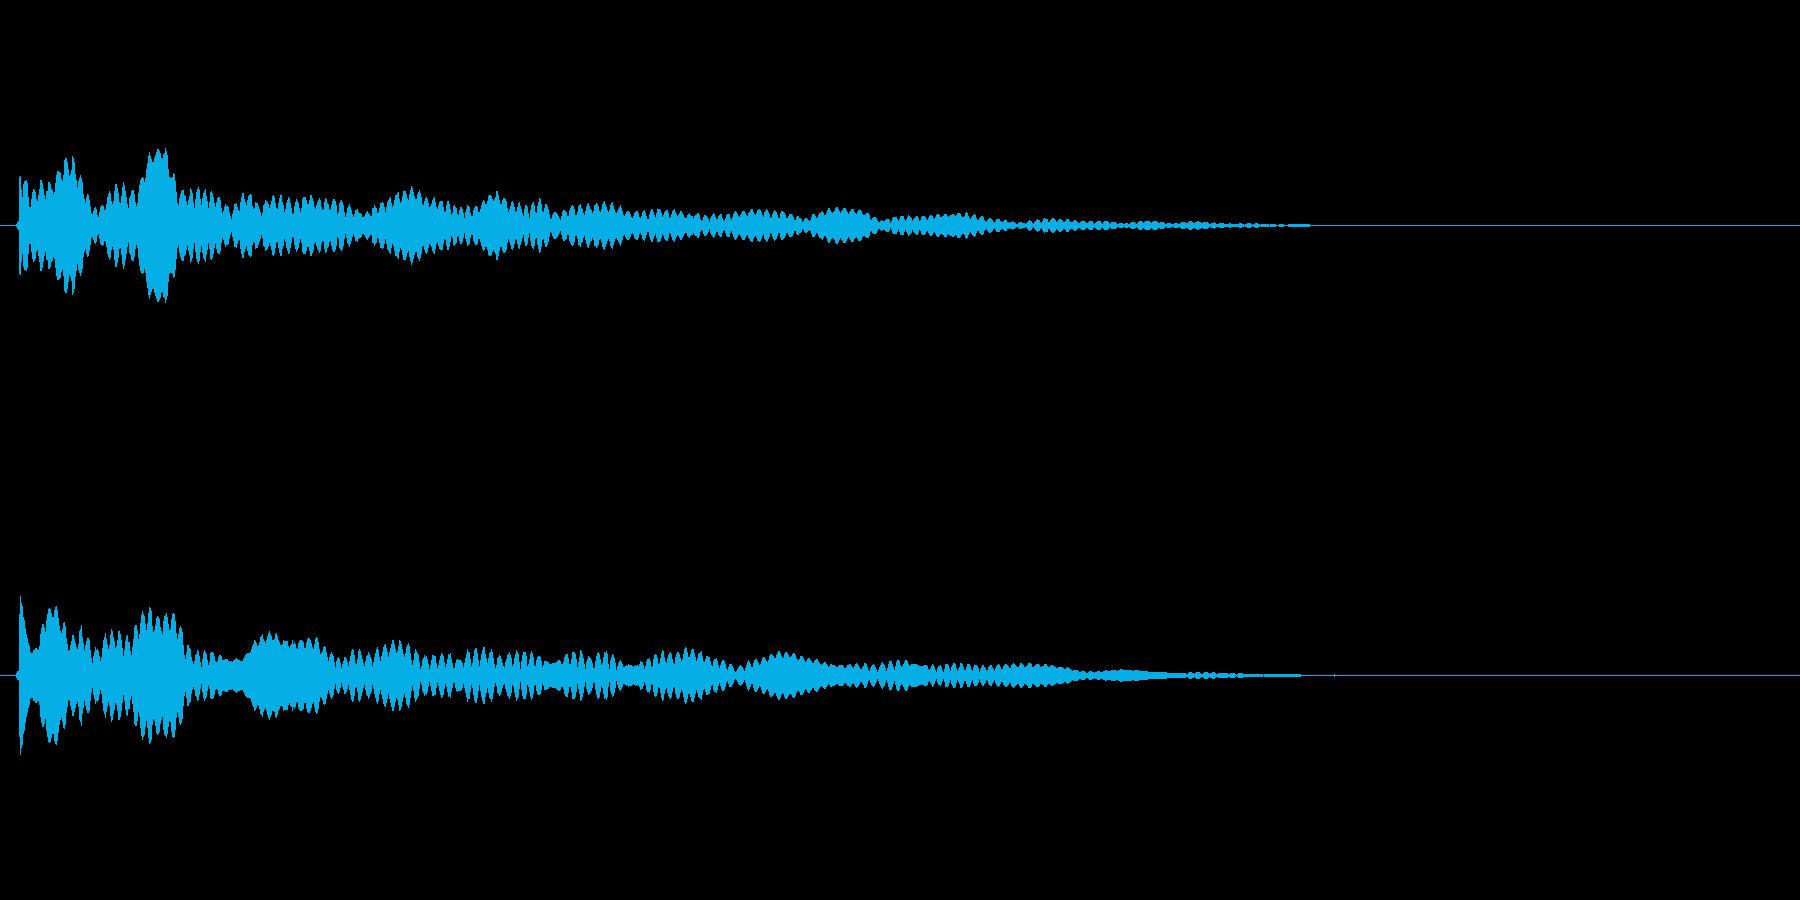 キラキラ系_103の再生済みの波形